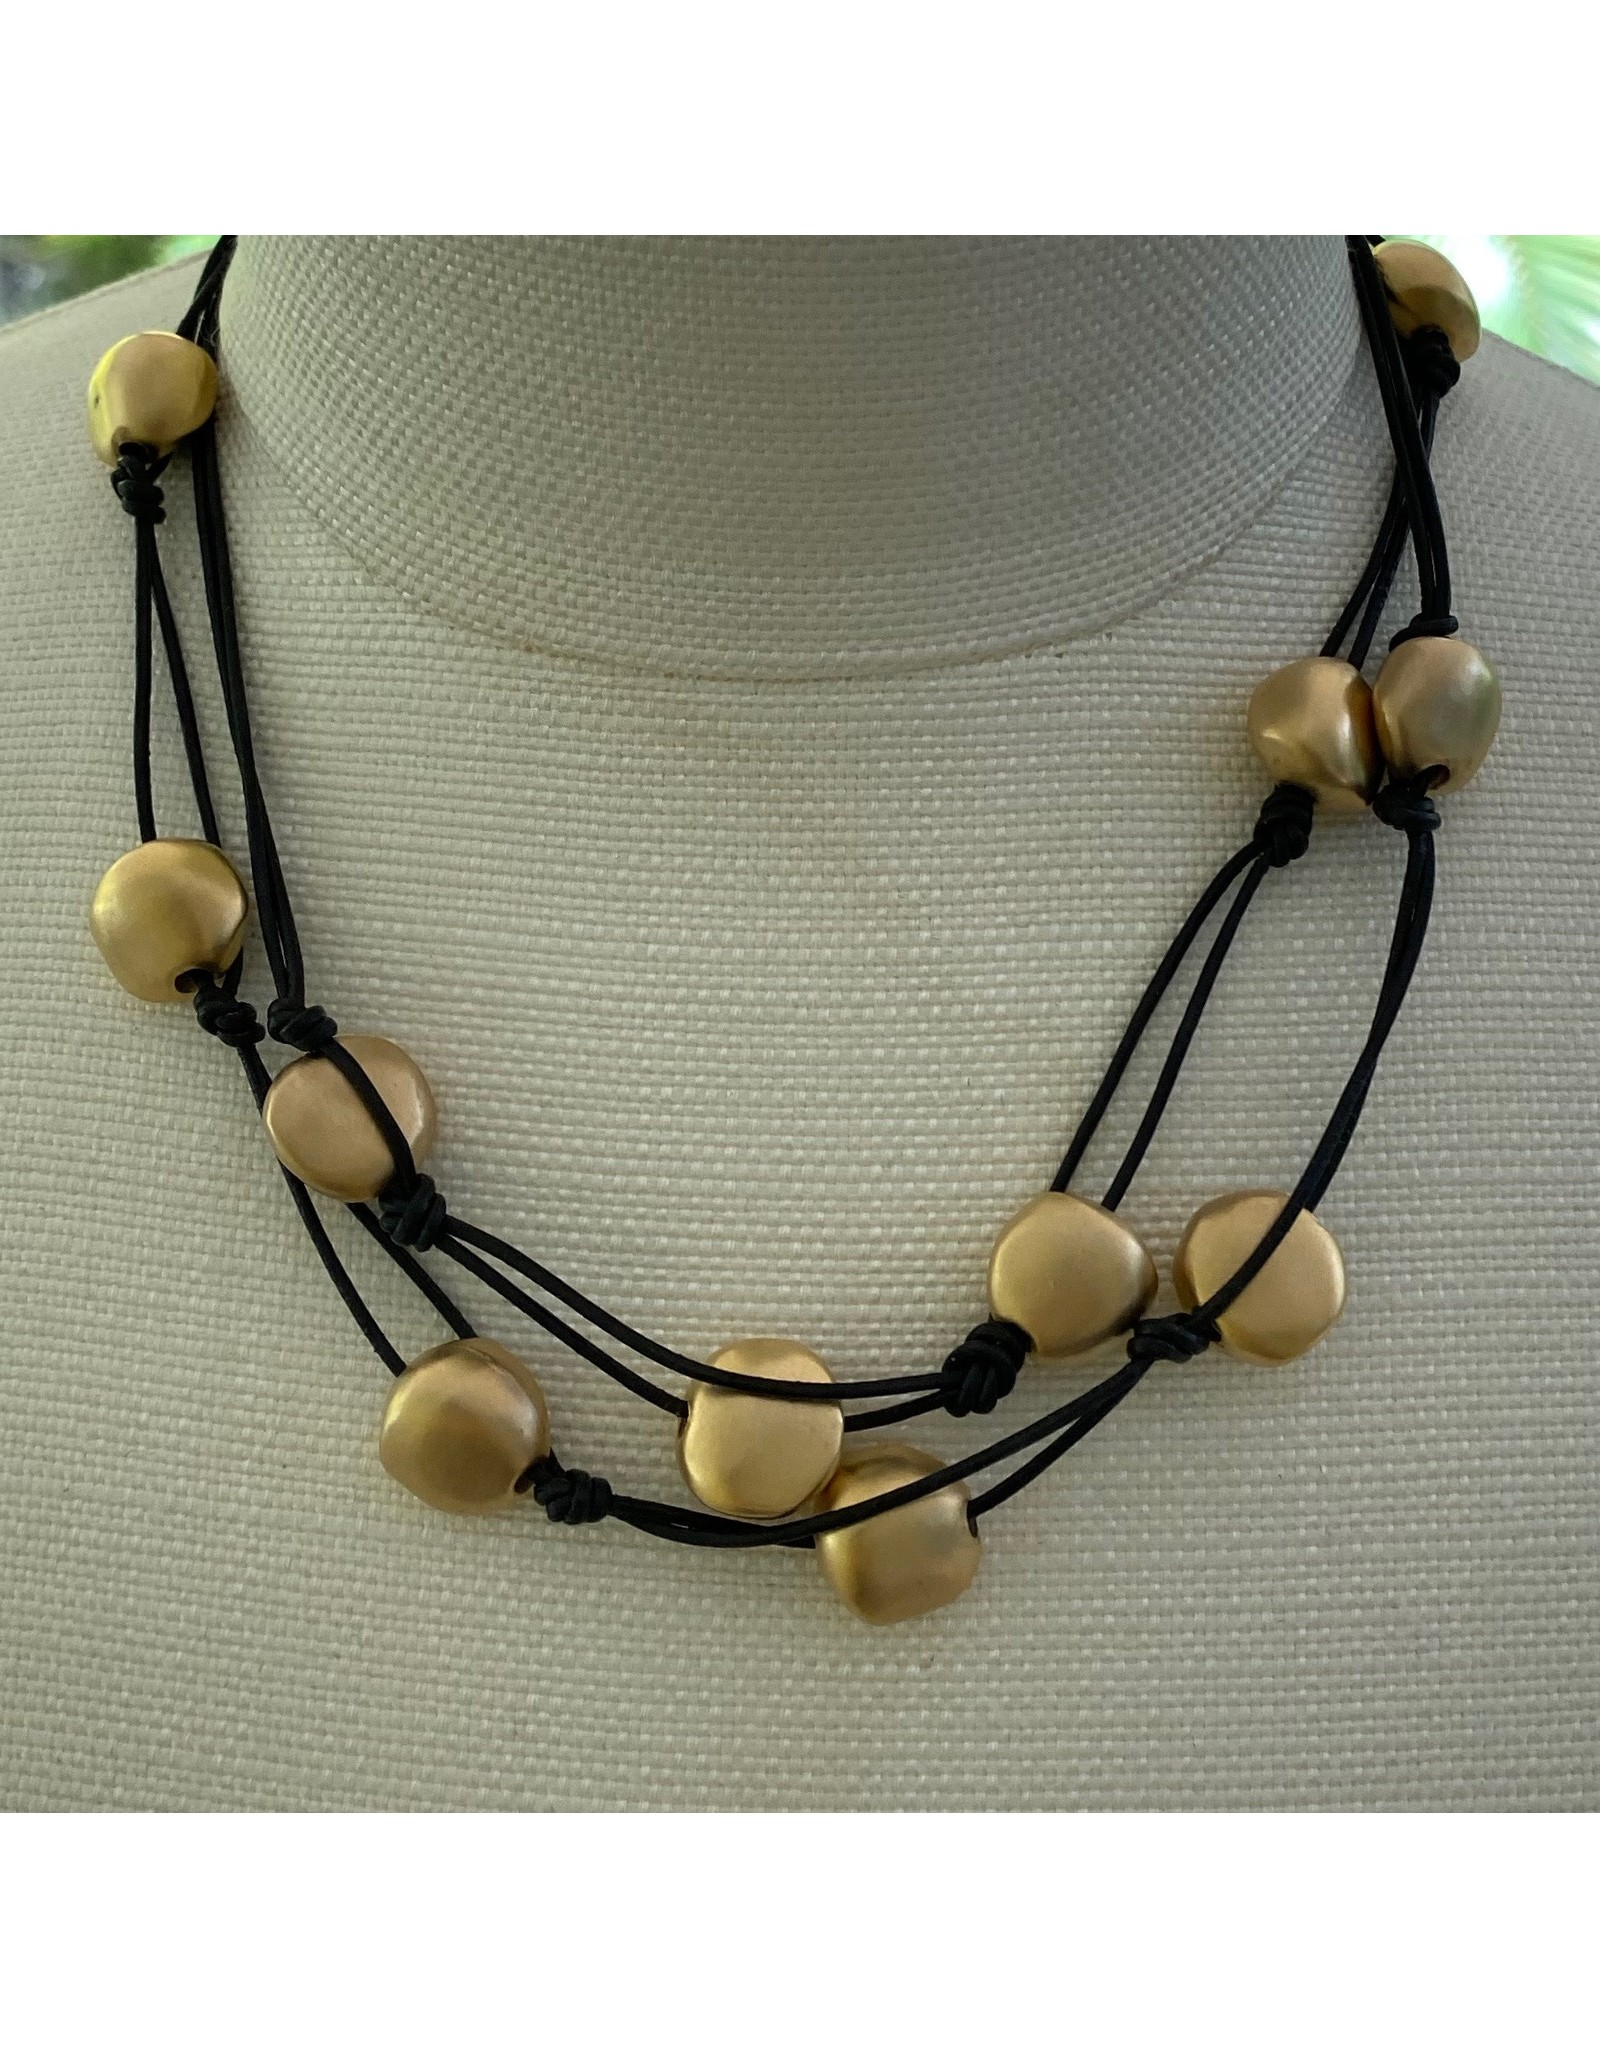 Deborah Grivas Design Matte Gold and Leather Long Necklace